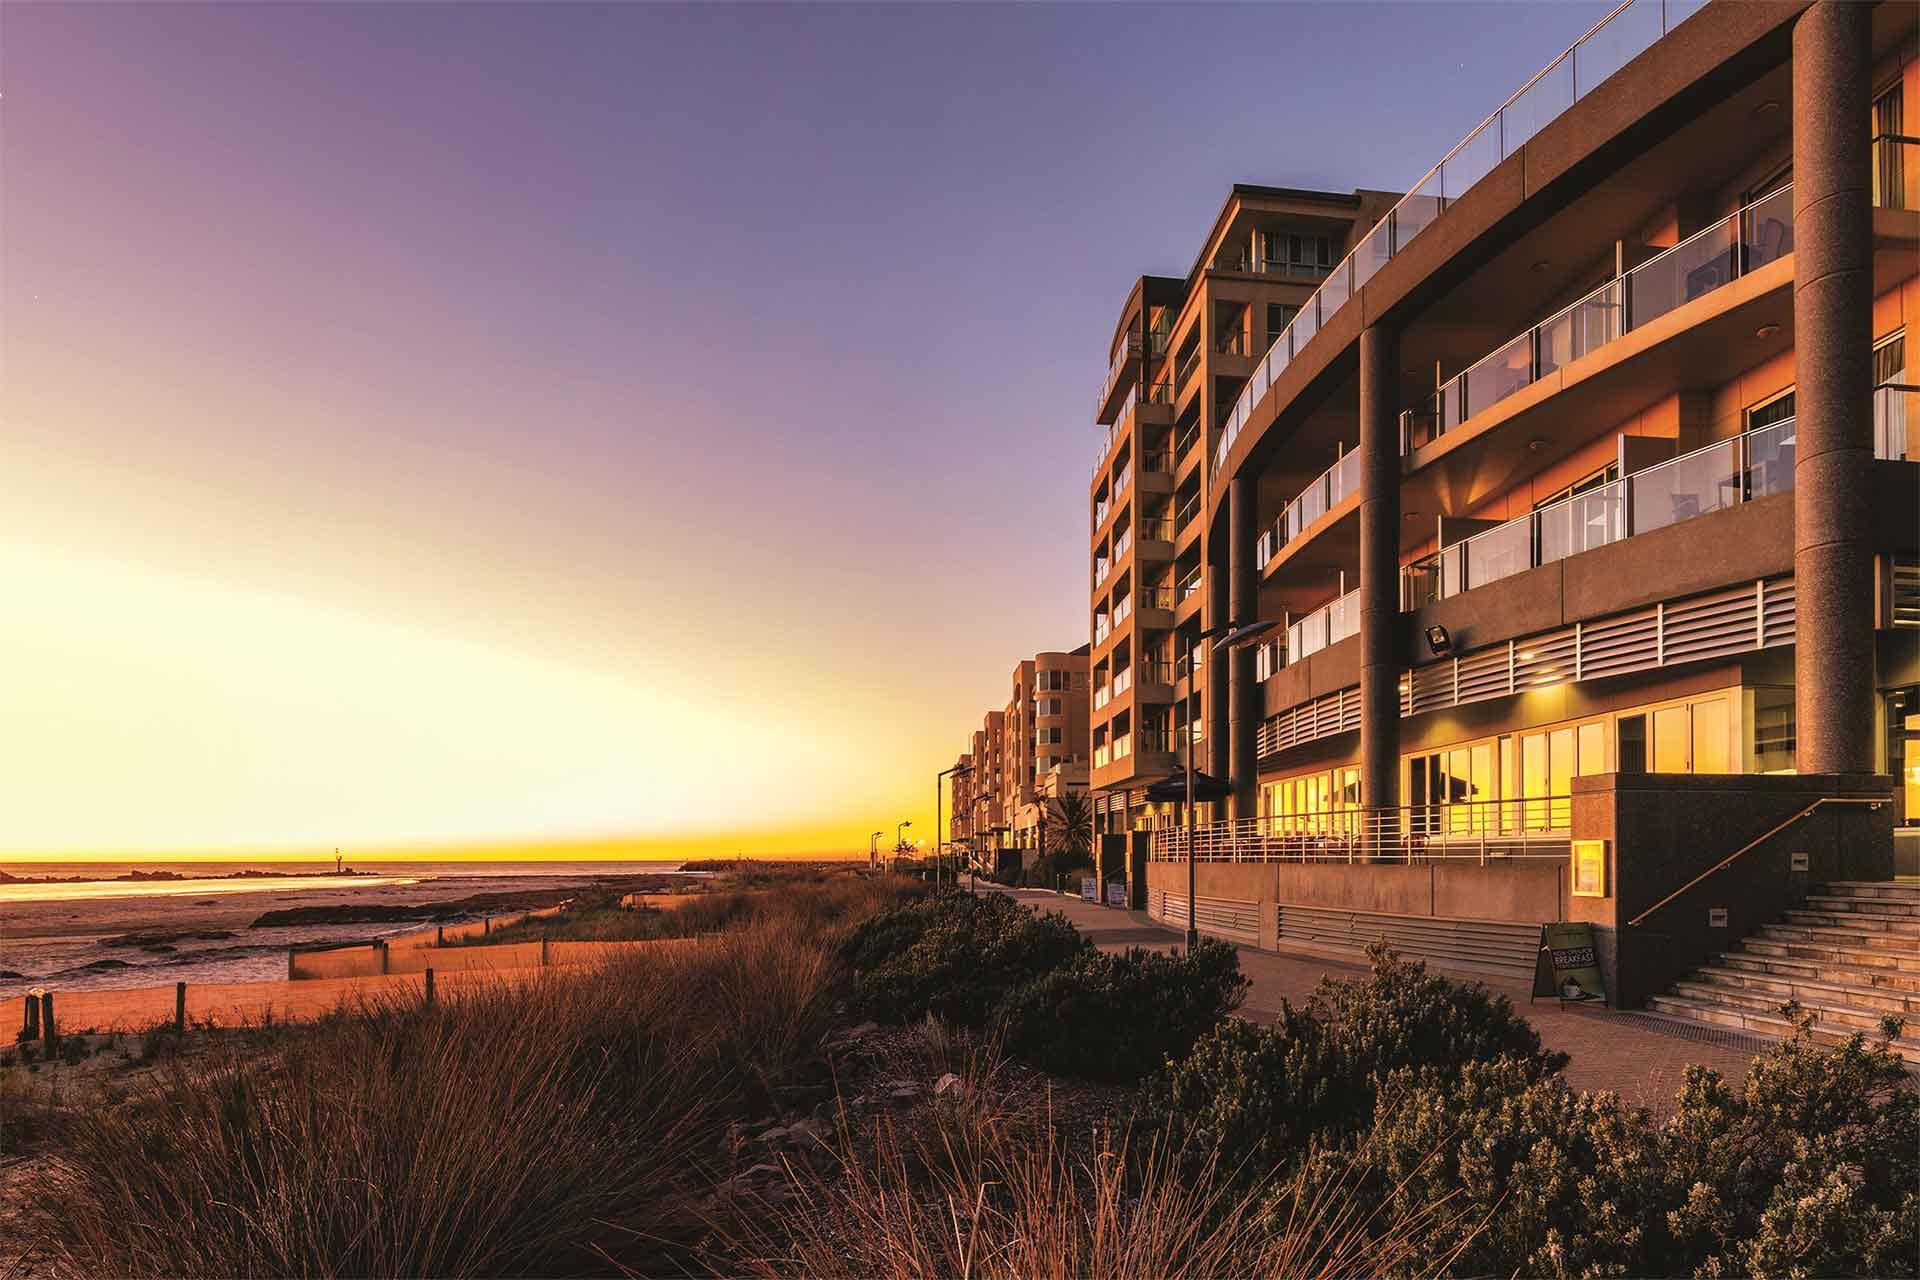 Stunning Oaks Plaza Pier Glenelg Sunset, South Australia